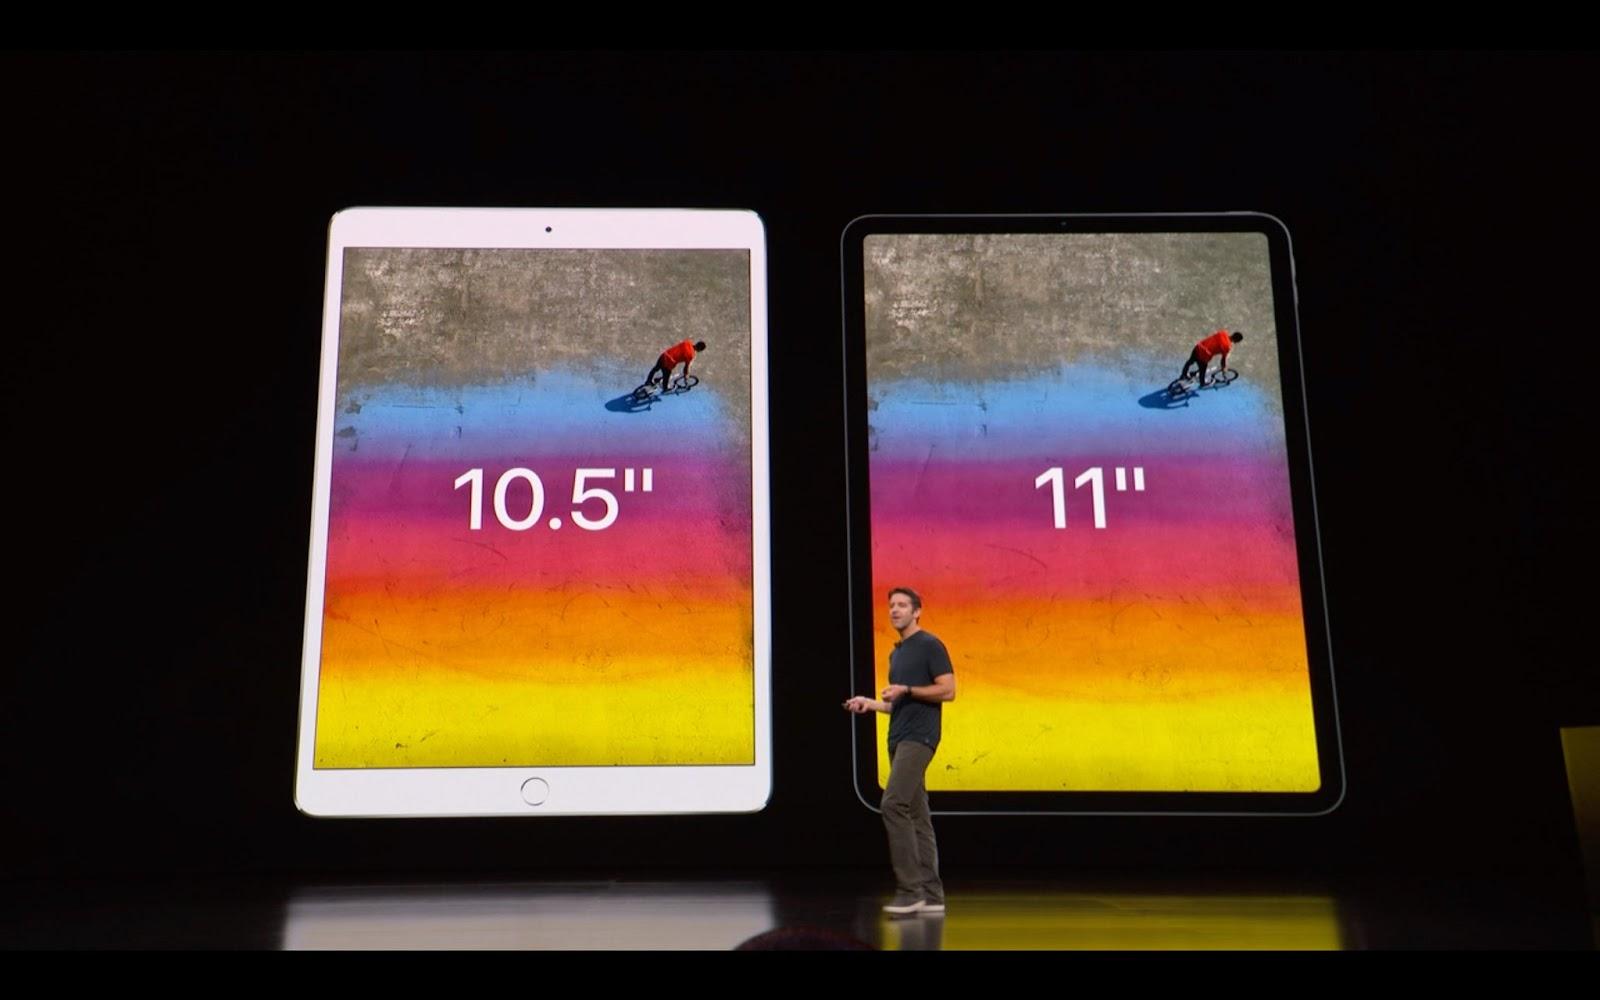 Đang tải iPad_2018-6.jpg…